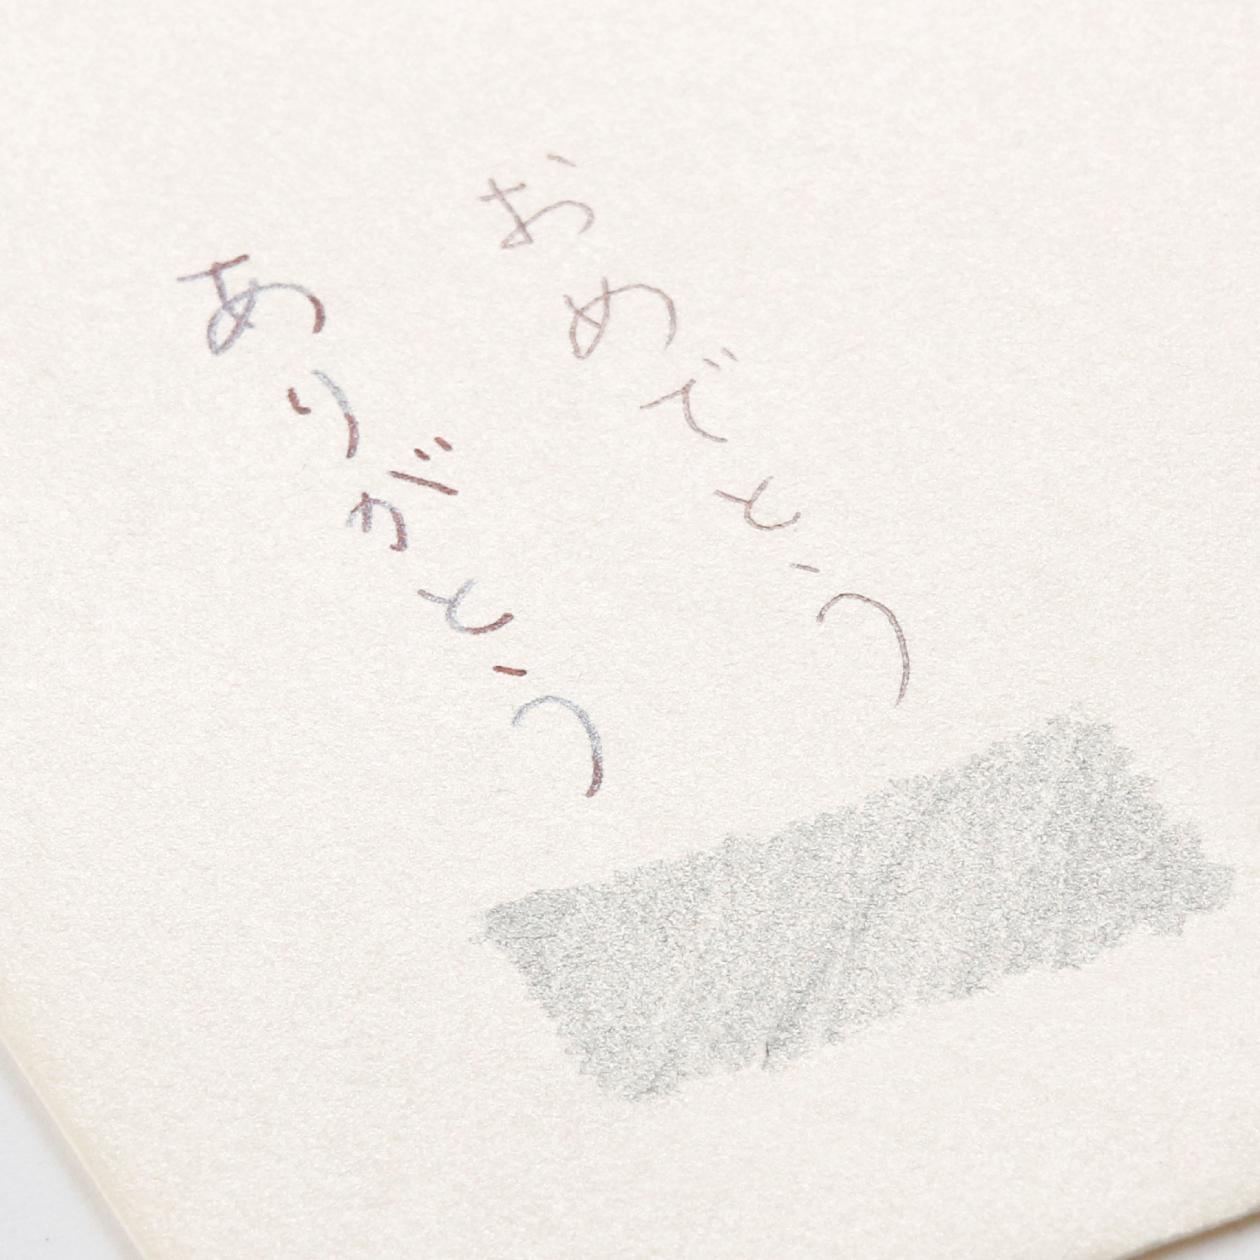 洋1ダイア封筒 コットンパール ナチュラル 125.3g